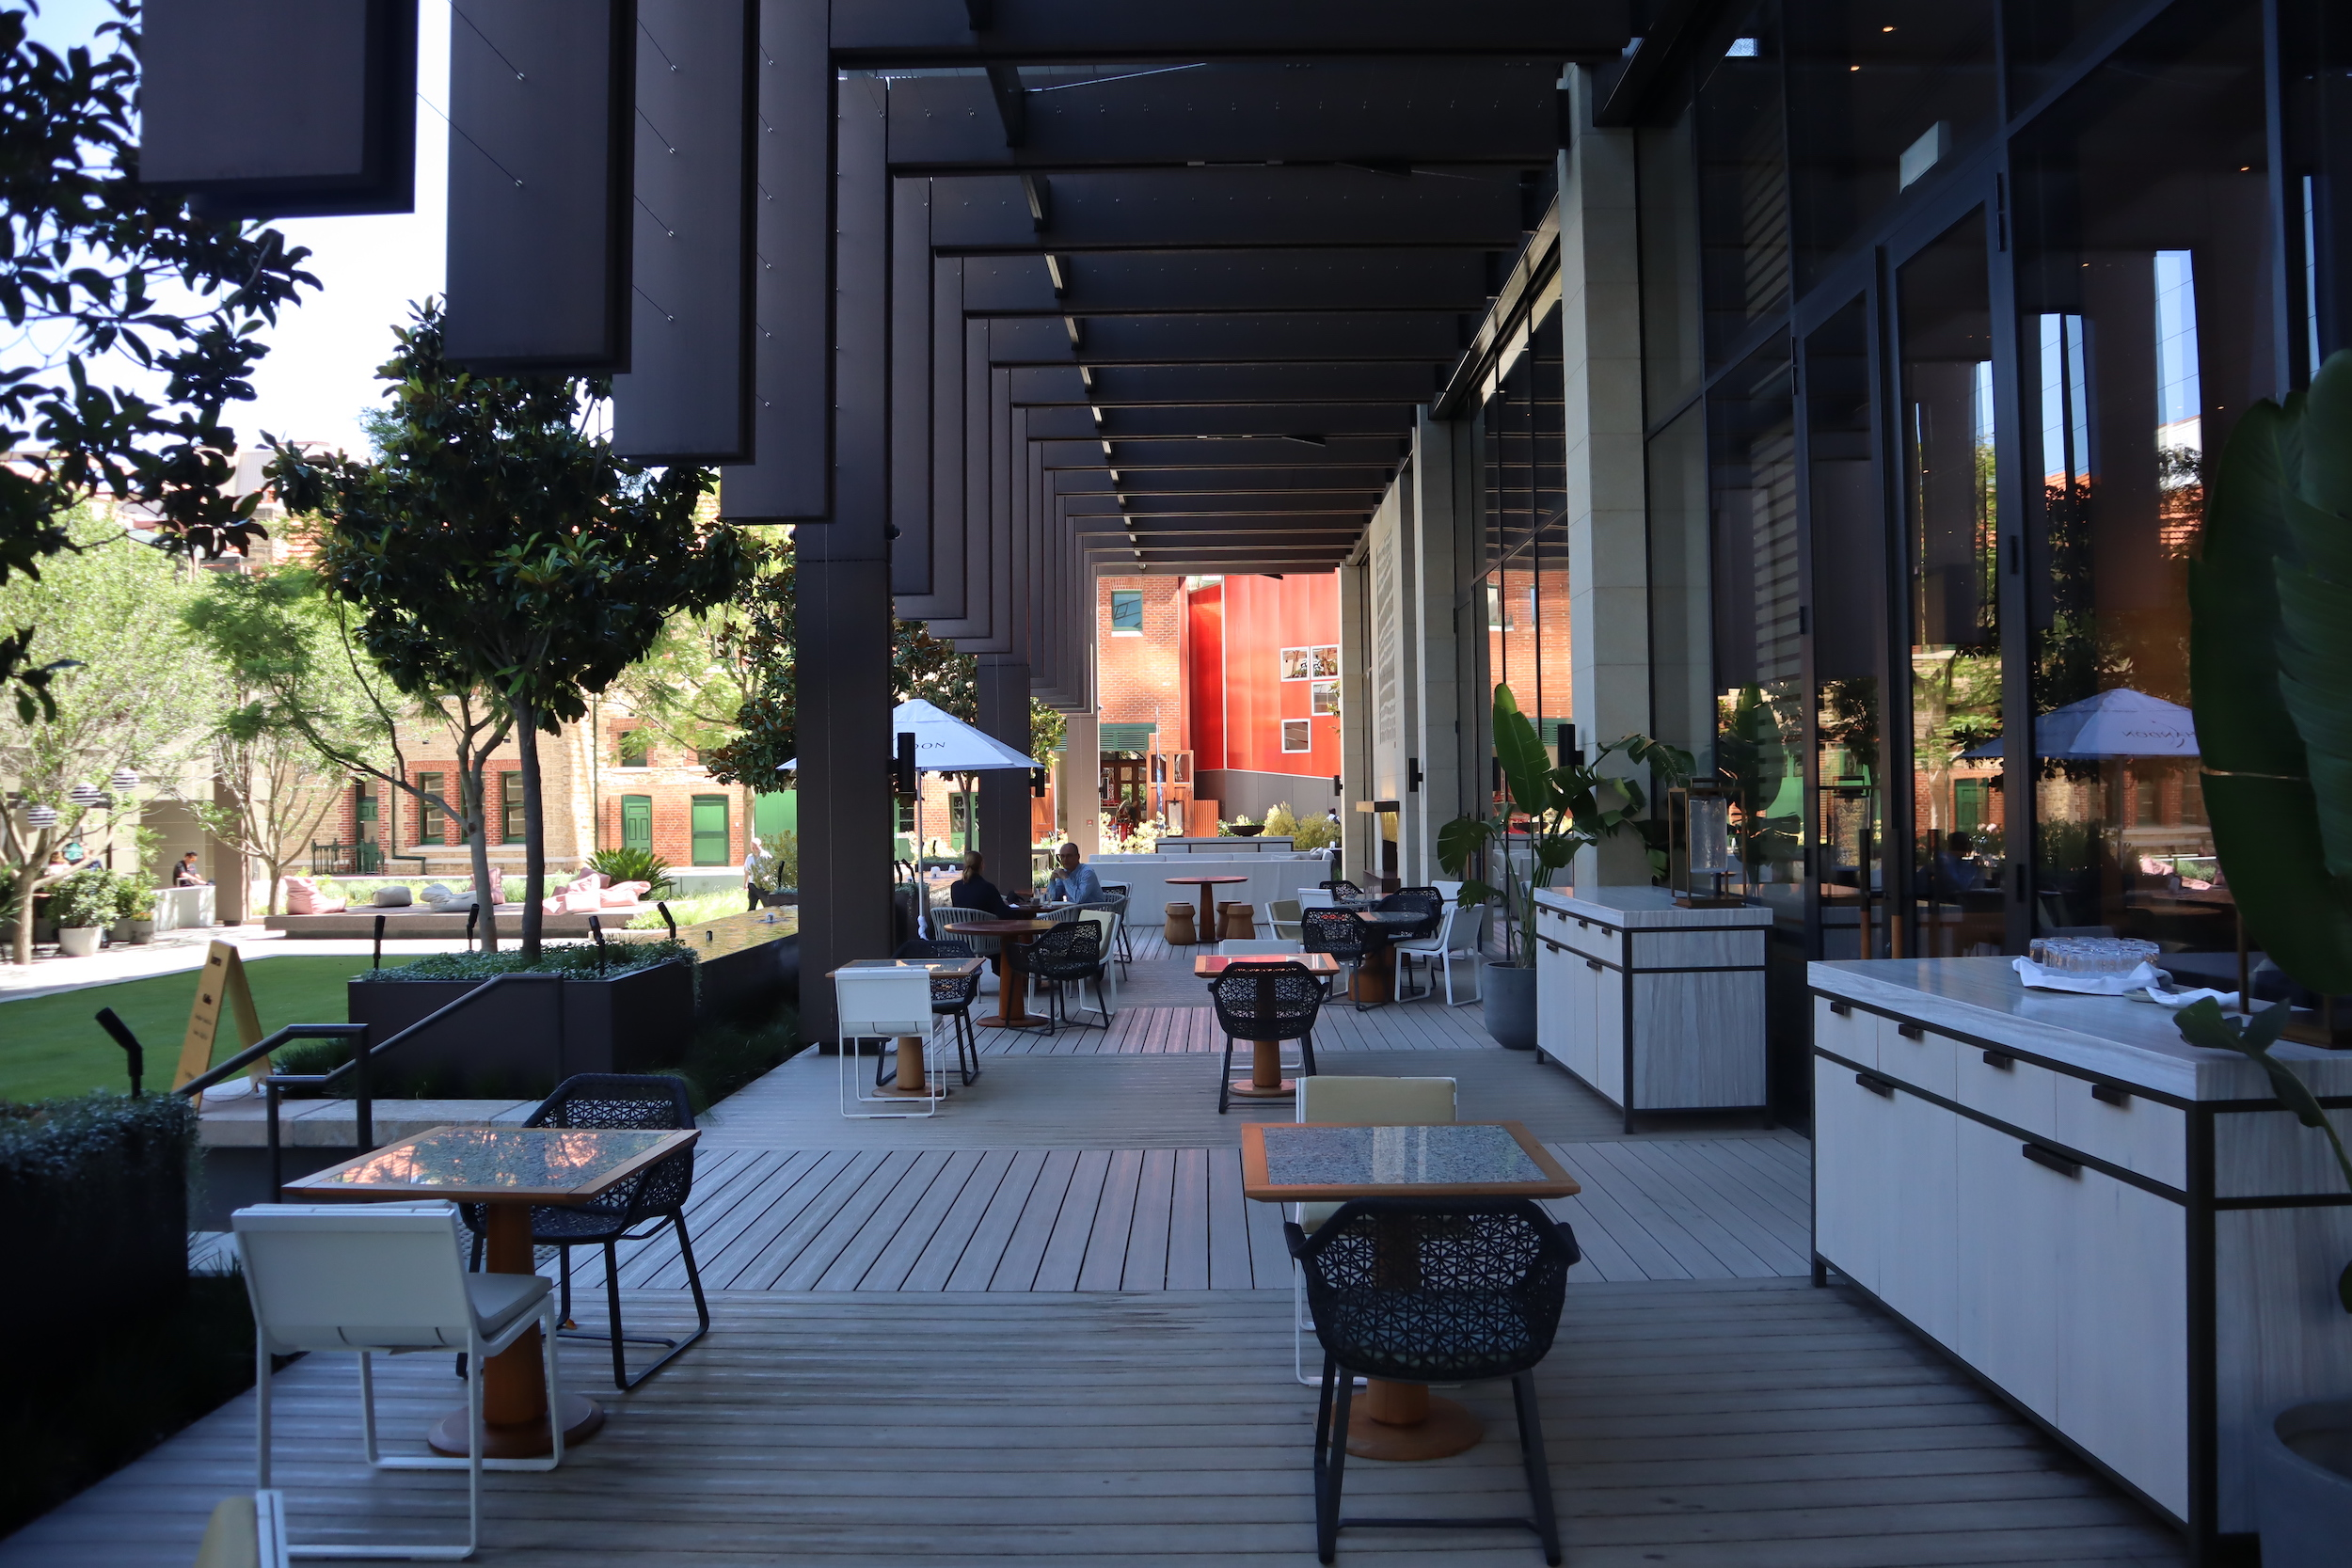 Westin Perth – Haven Bar outdoor patio